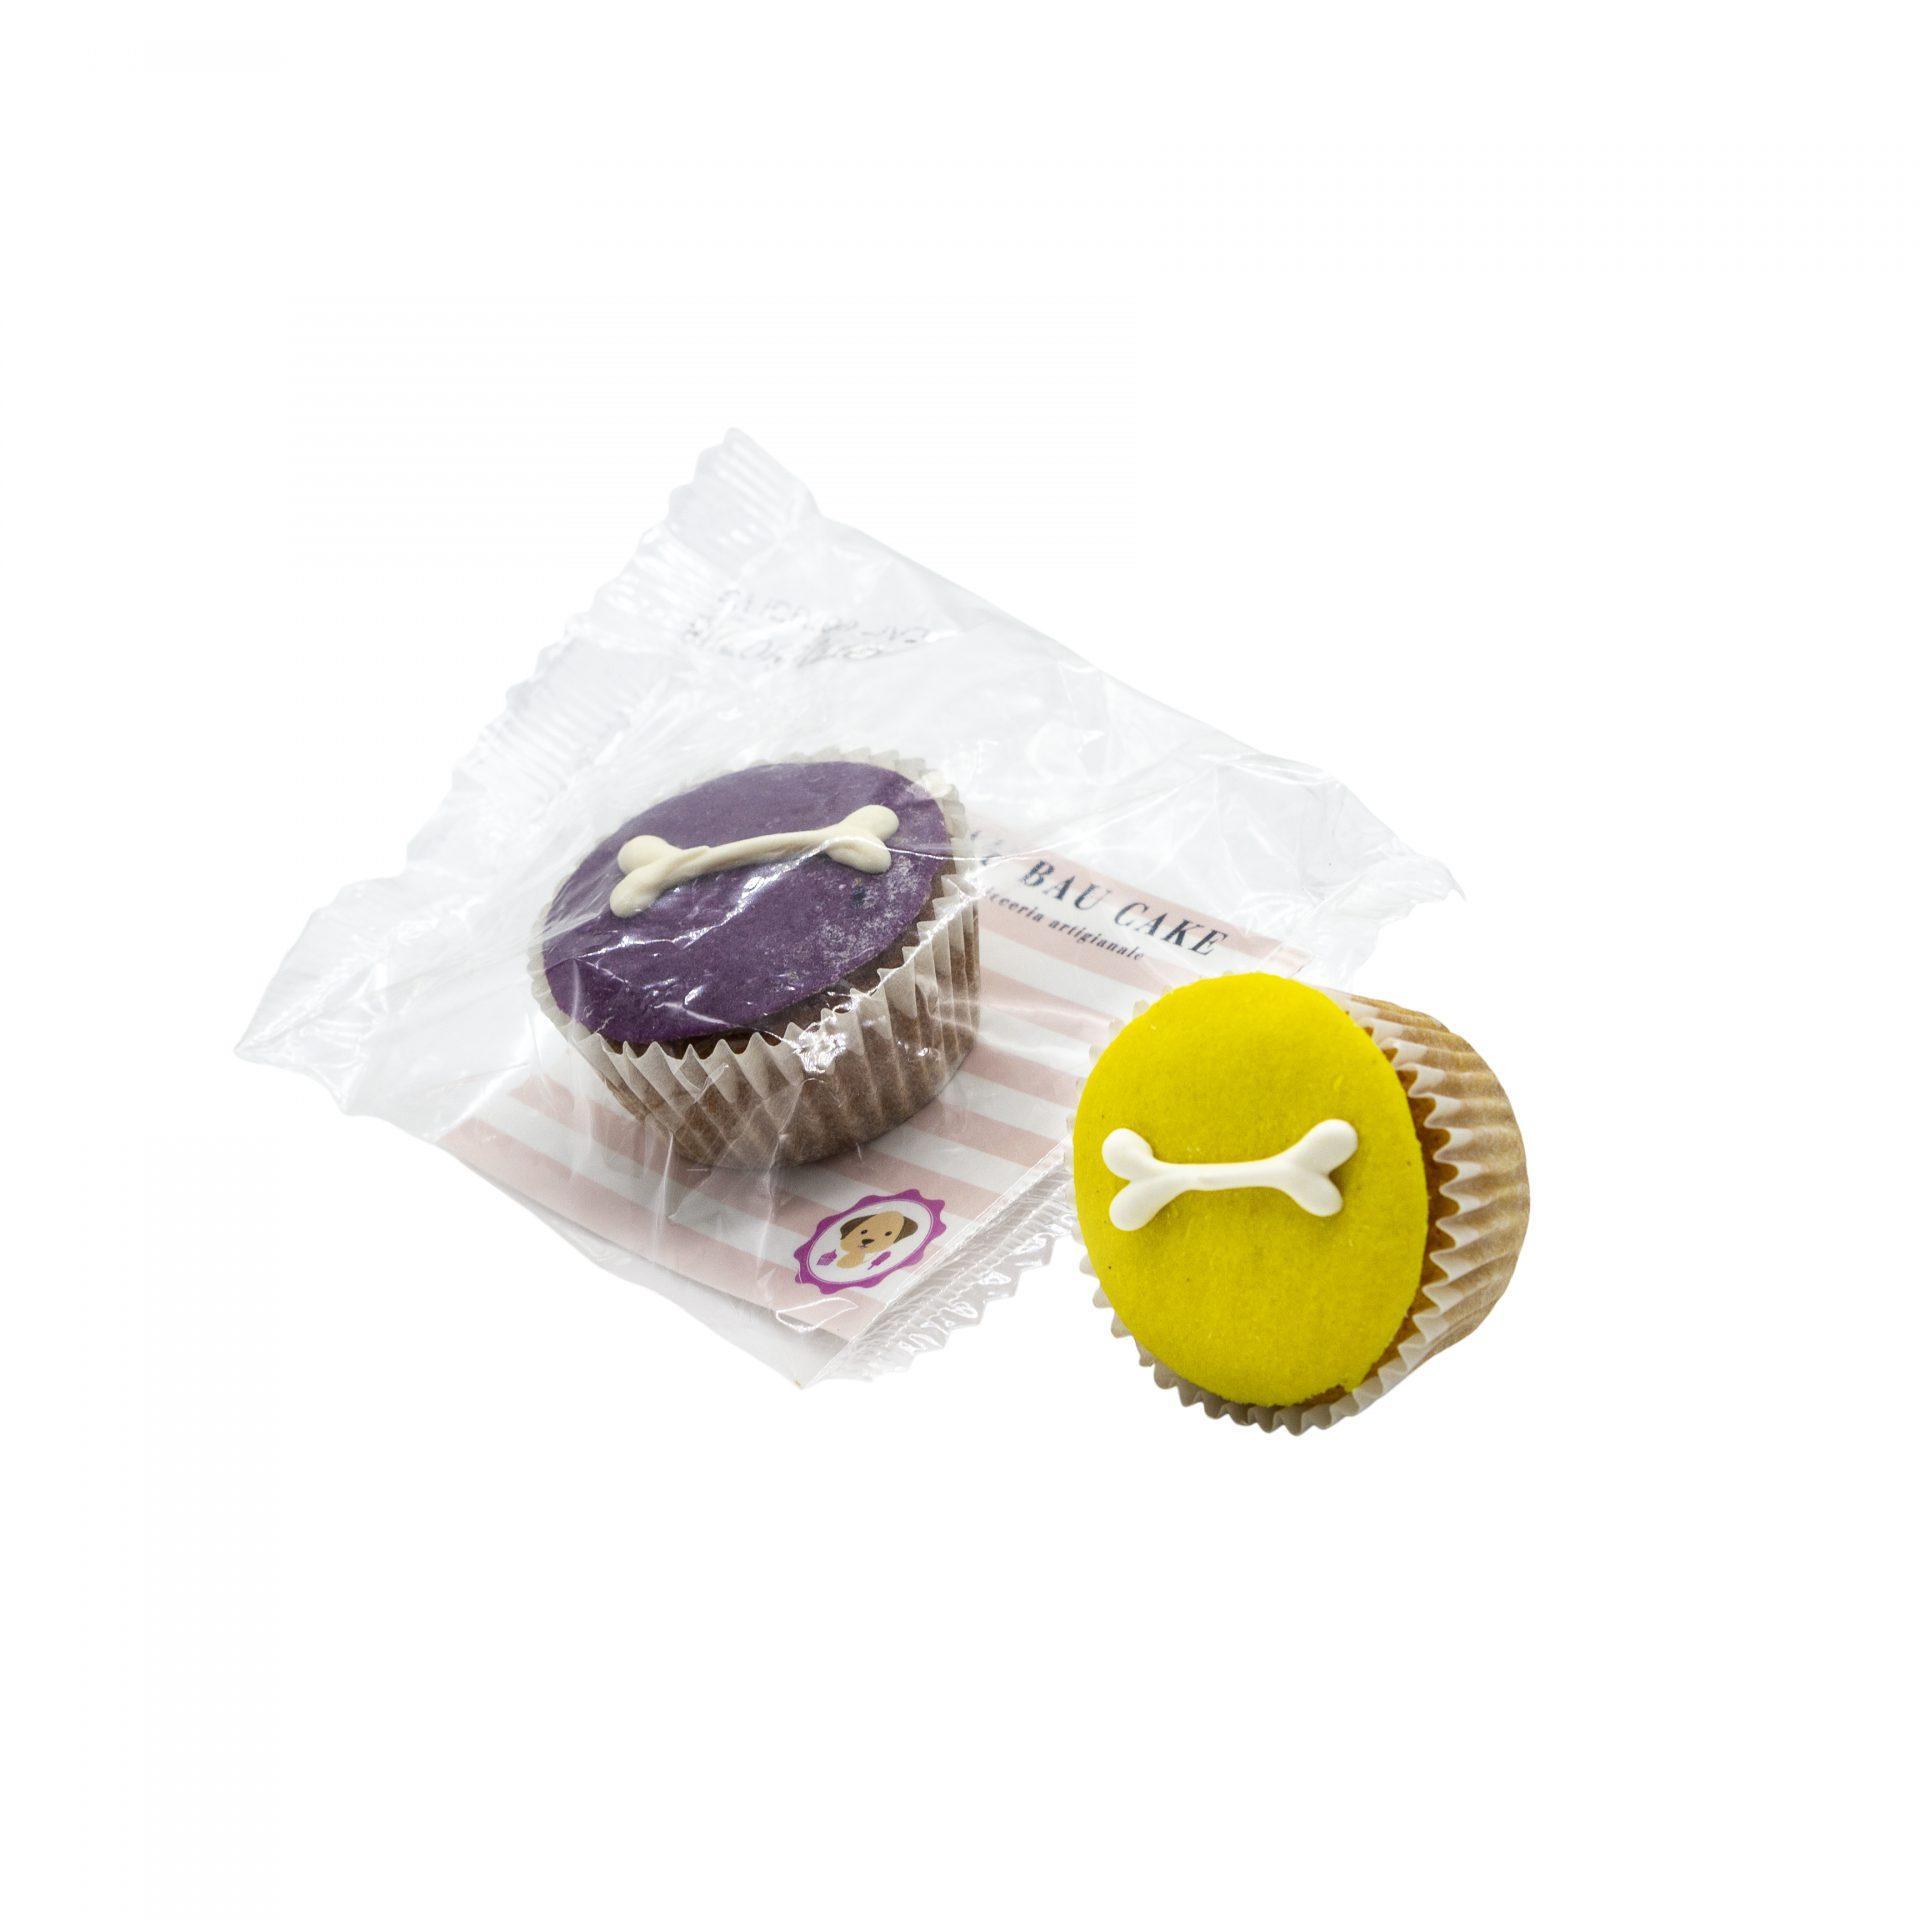 pet-muffin-di-pasticceria-artigianale